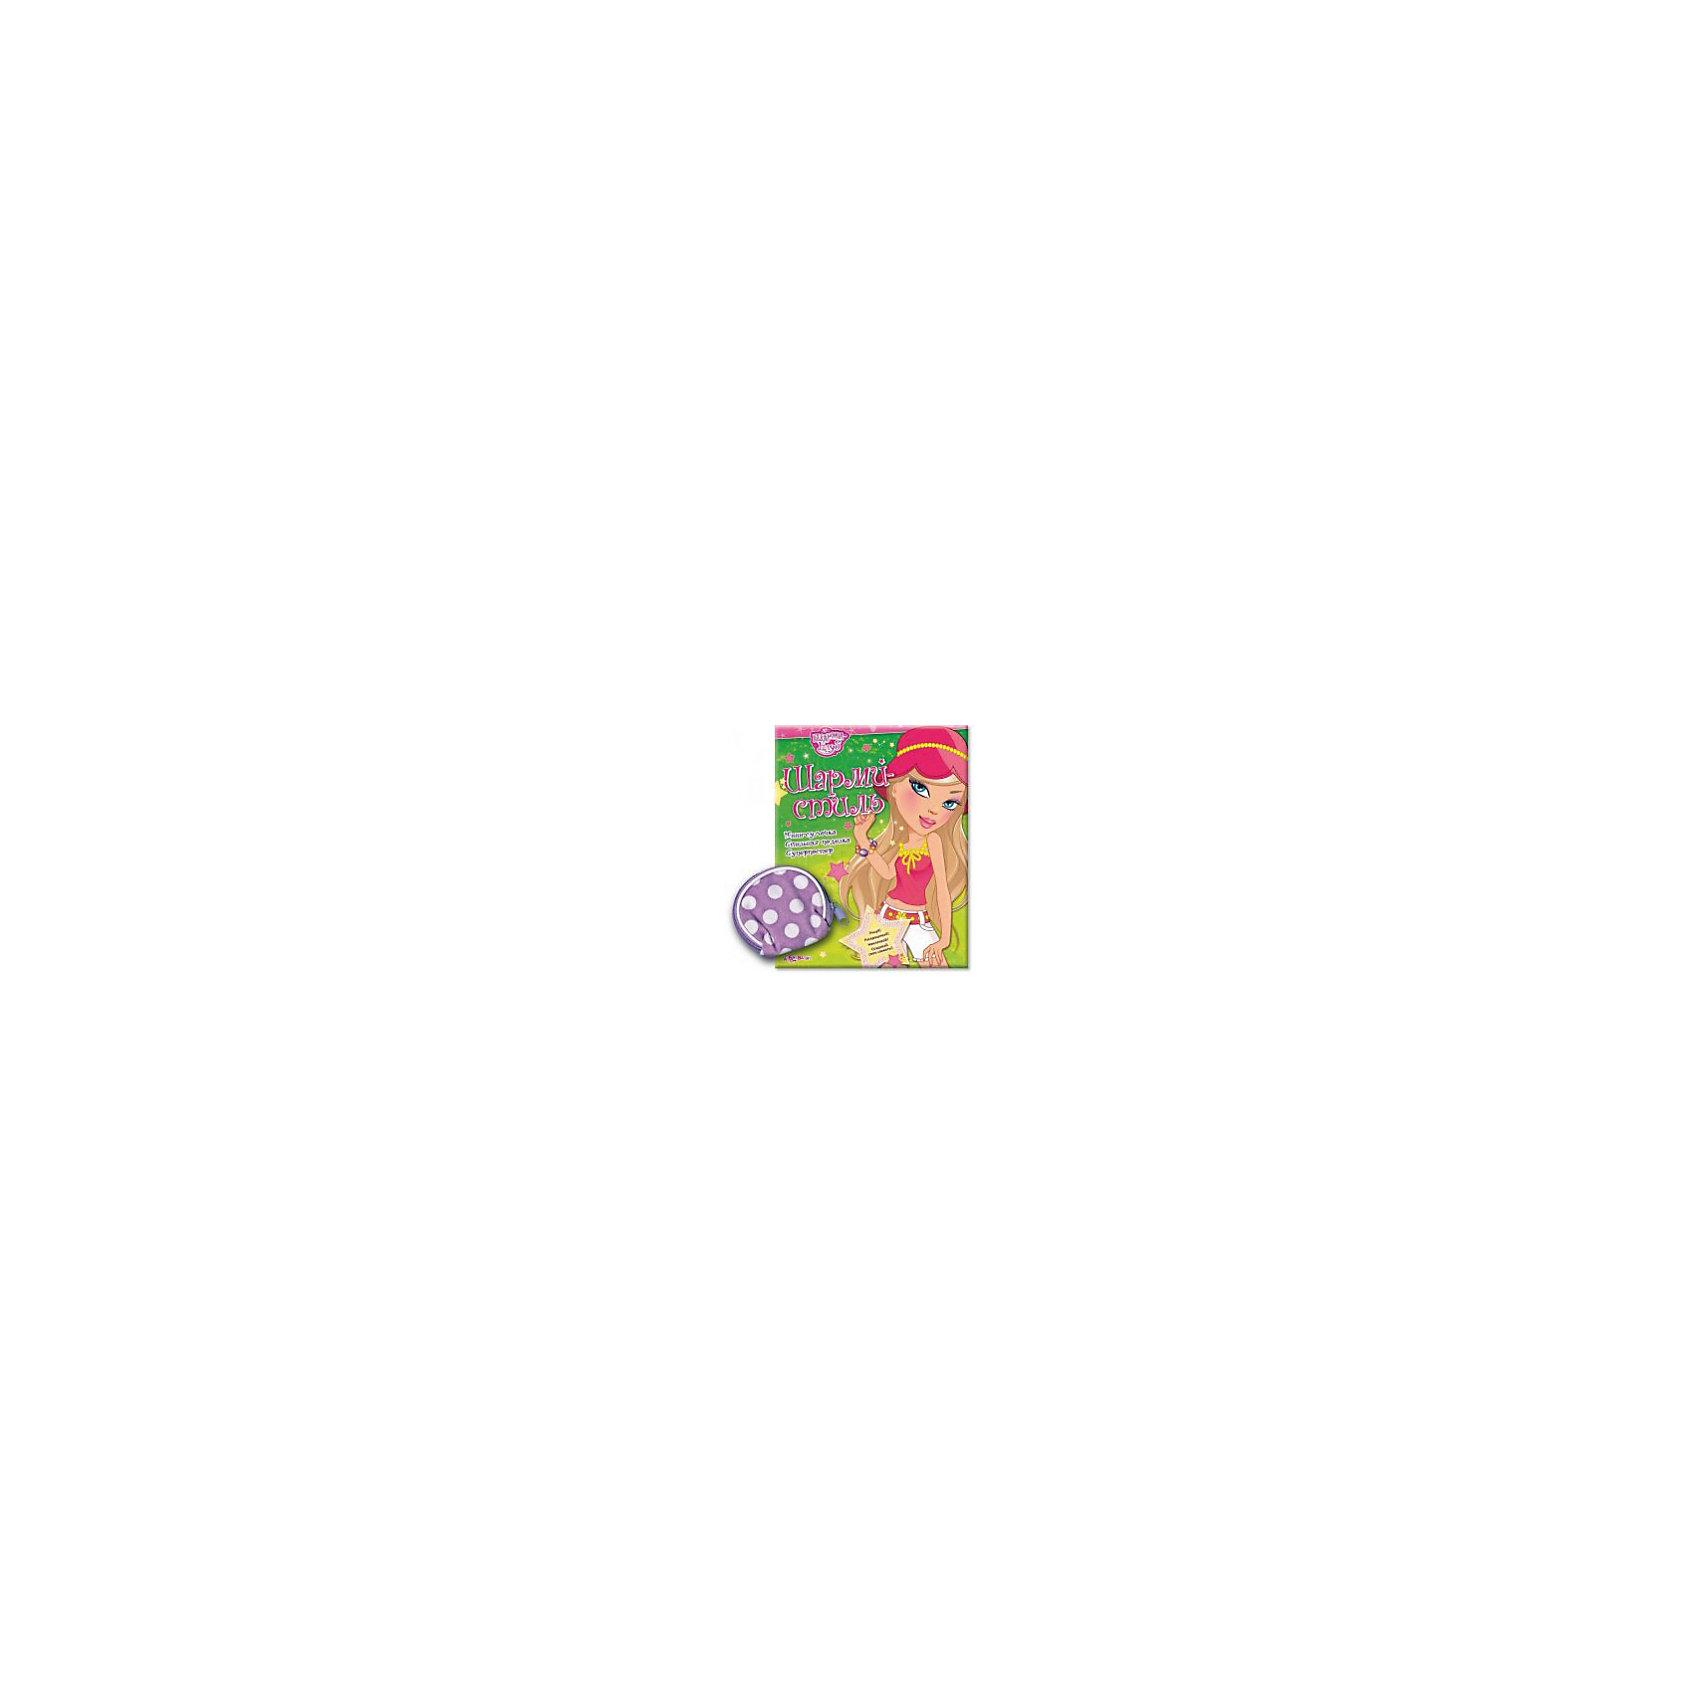 Шарми-стильОчаровательные Шарми ждут тебя на страницах этой книги. Вместе с ними ты отправишься в увлекательное путешествие в мир моды и красоты. Большой постер, милая сумочка, яркие рисунки, поделки и полезные советы - все, что нужно стильной моднице - найдется в этой книге! Арт студия Шарми открывает свои двери специально для тебя!  <br><br>Дополнительная информация:<br><br>- Формат: 23х30 см.<br>- Количество страниц: 26<br>- Переплет: мягкий. <br>- Иллюстрации: цветные.<br>- Большой постер.<br>- Очаровательная сумочка в комплекте. <br><br>Книгу в мягкой обложке с наклейками Шарми-стиль можно купить в нашем магазине.<br><br>Ширина мм: 23<br>Глубина мм: 29<br>Высота мм: 23<br>Вес г: 295<br>Возраст от месяцев: 36<br>Возраст до месяцев: 72<br>Пол: Унисекс<br>Возраст: Детский<br>SKU: 4951825